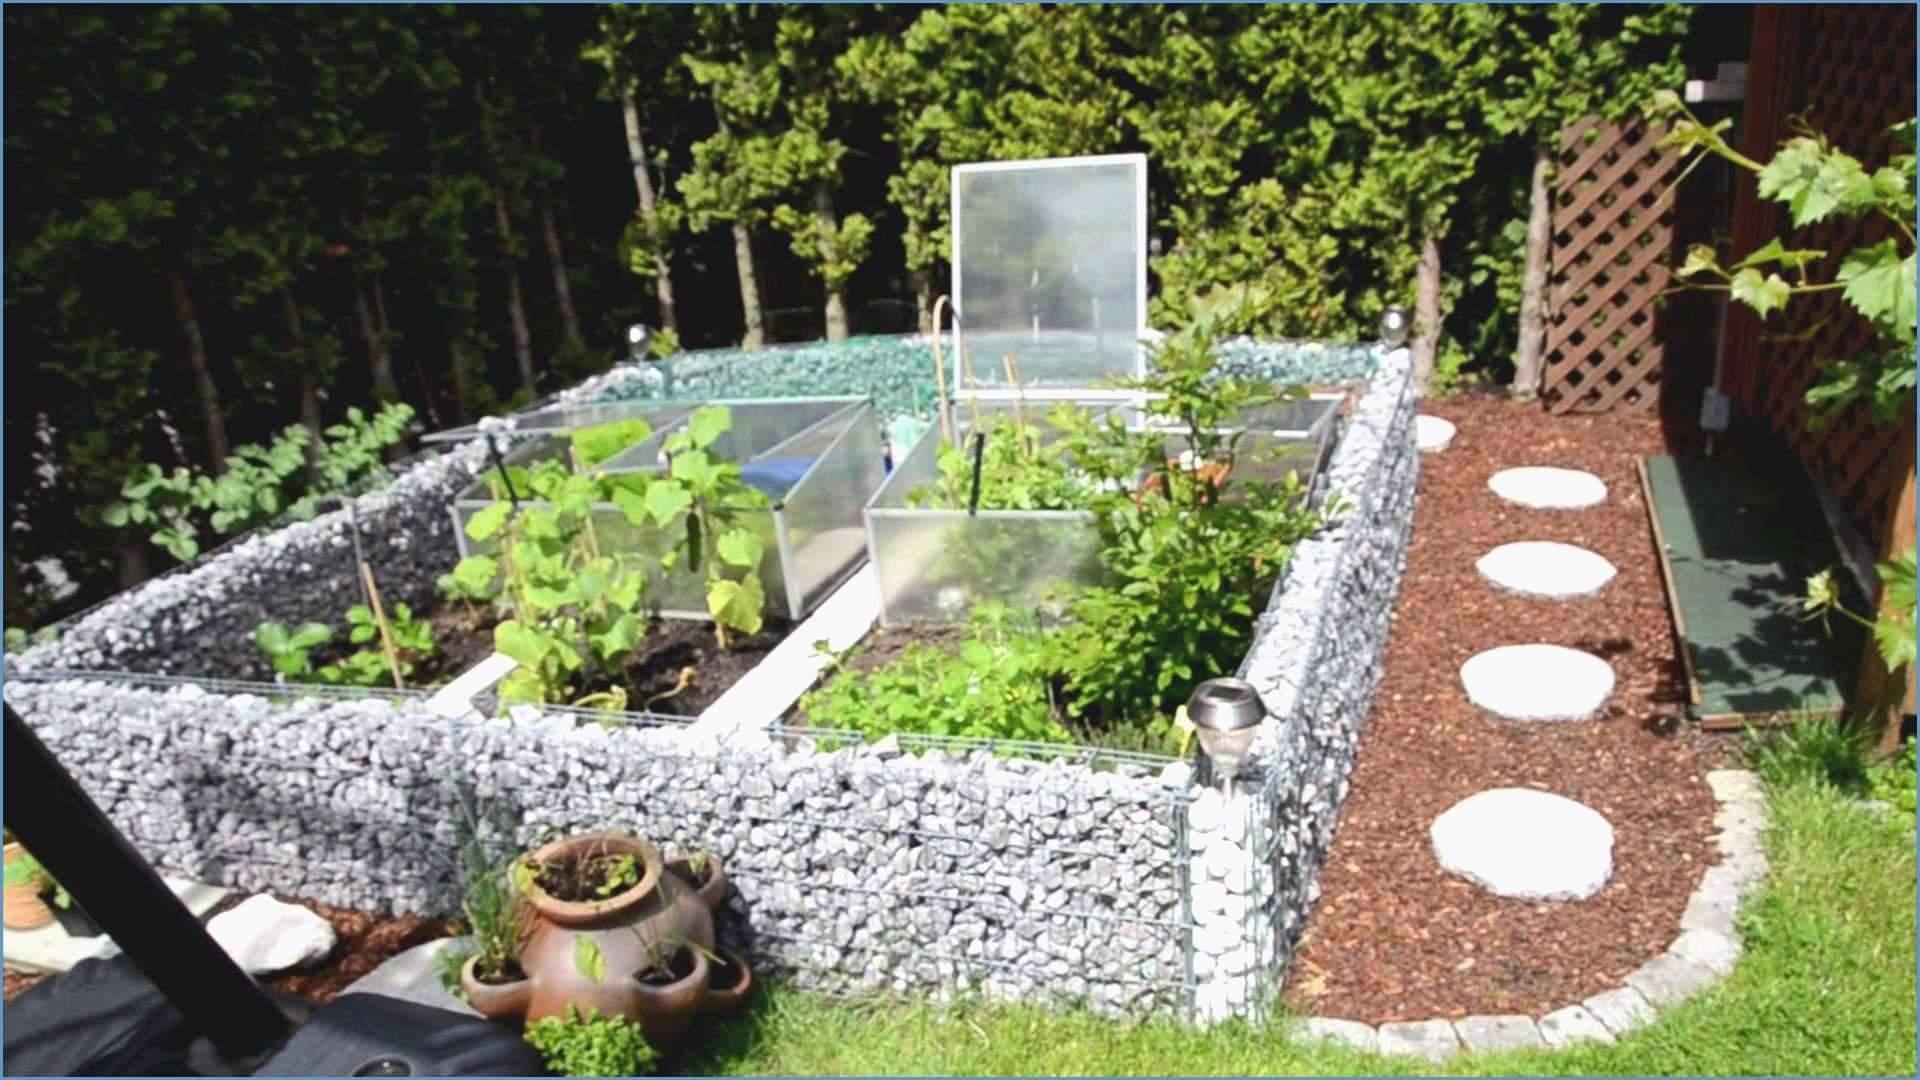 Mediterrane Gartengestaltung Einzigartig Mediterranen Garten Anlegen Das Beste Von Haus Plant Ideen